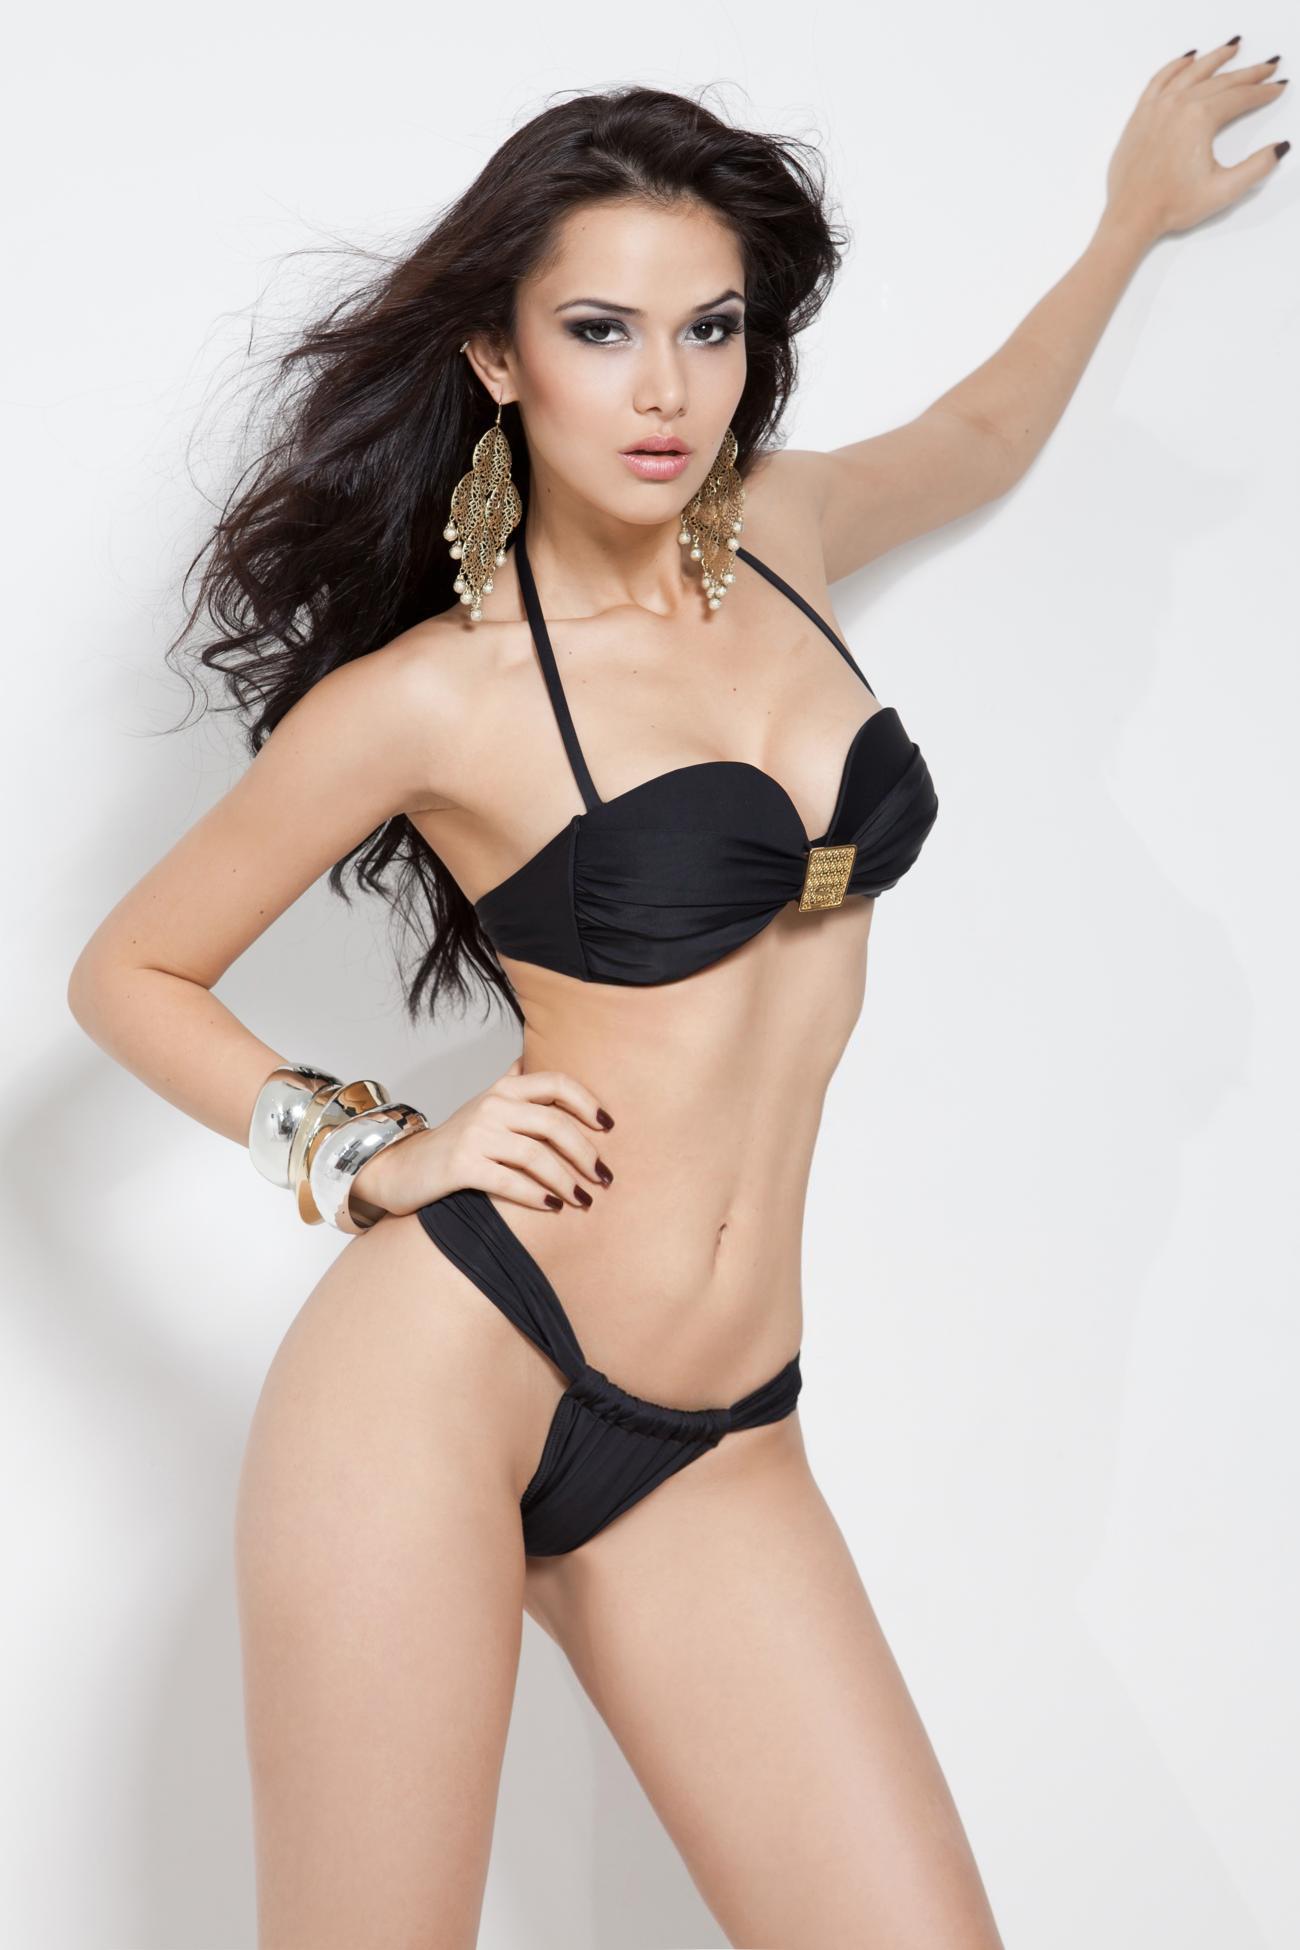 camila brant, miss brasil earth 2012. 3rdz9jpo